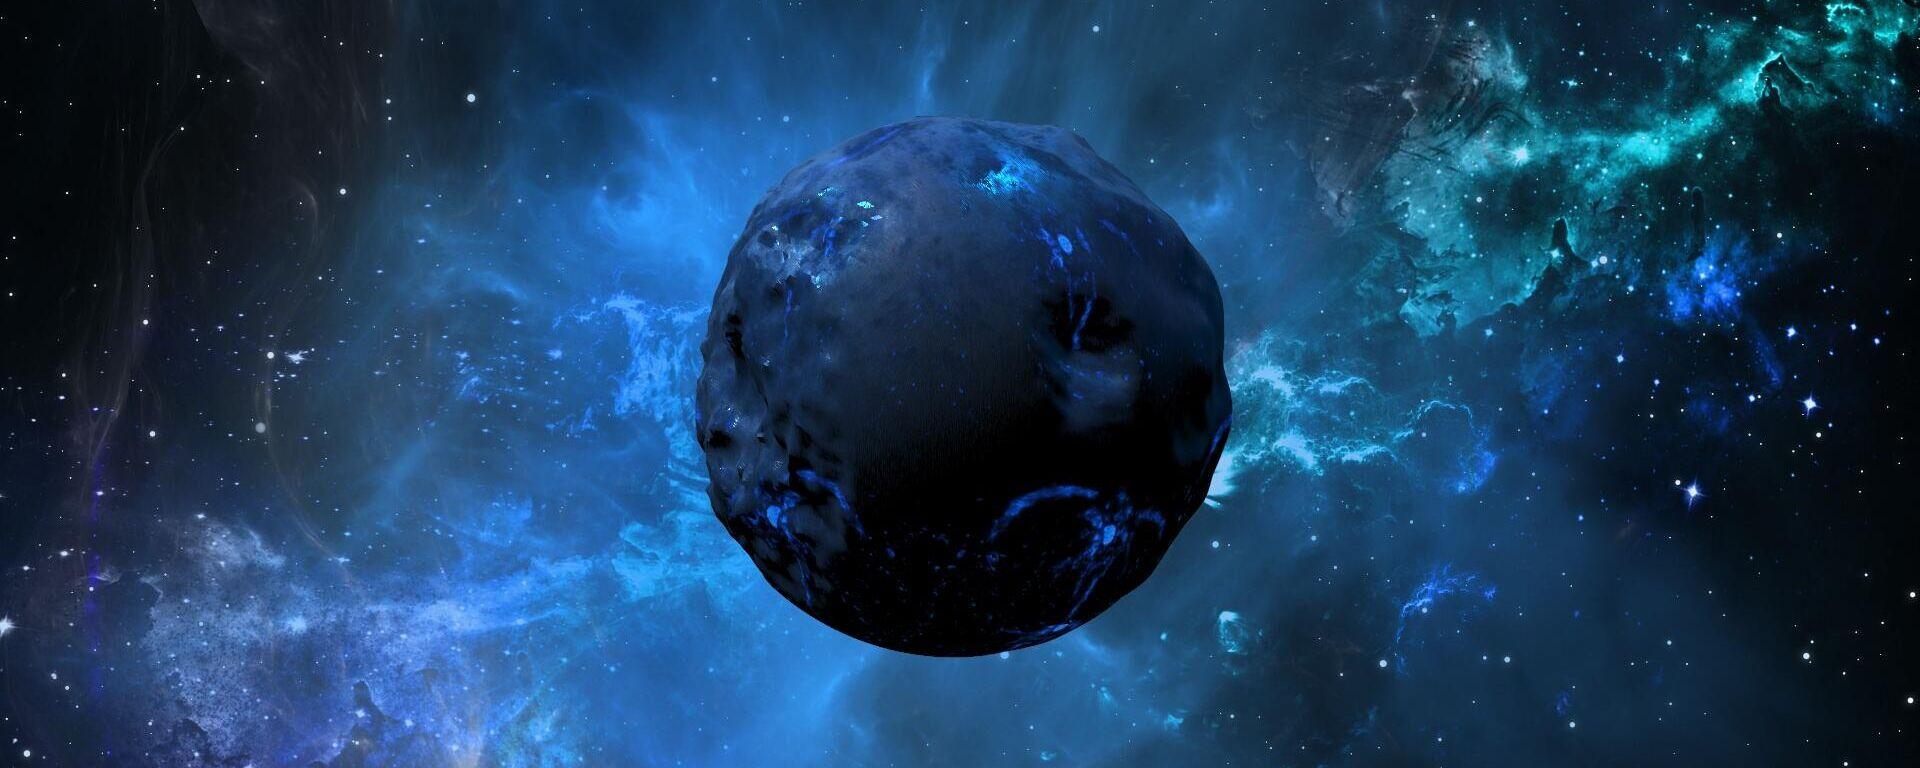 Un cuerpo celeste en el espacio - Sputnik Mundo, 1920, 01.07.2021